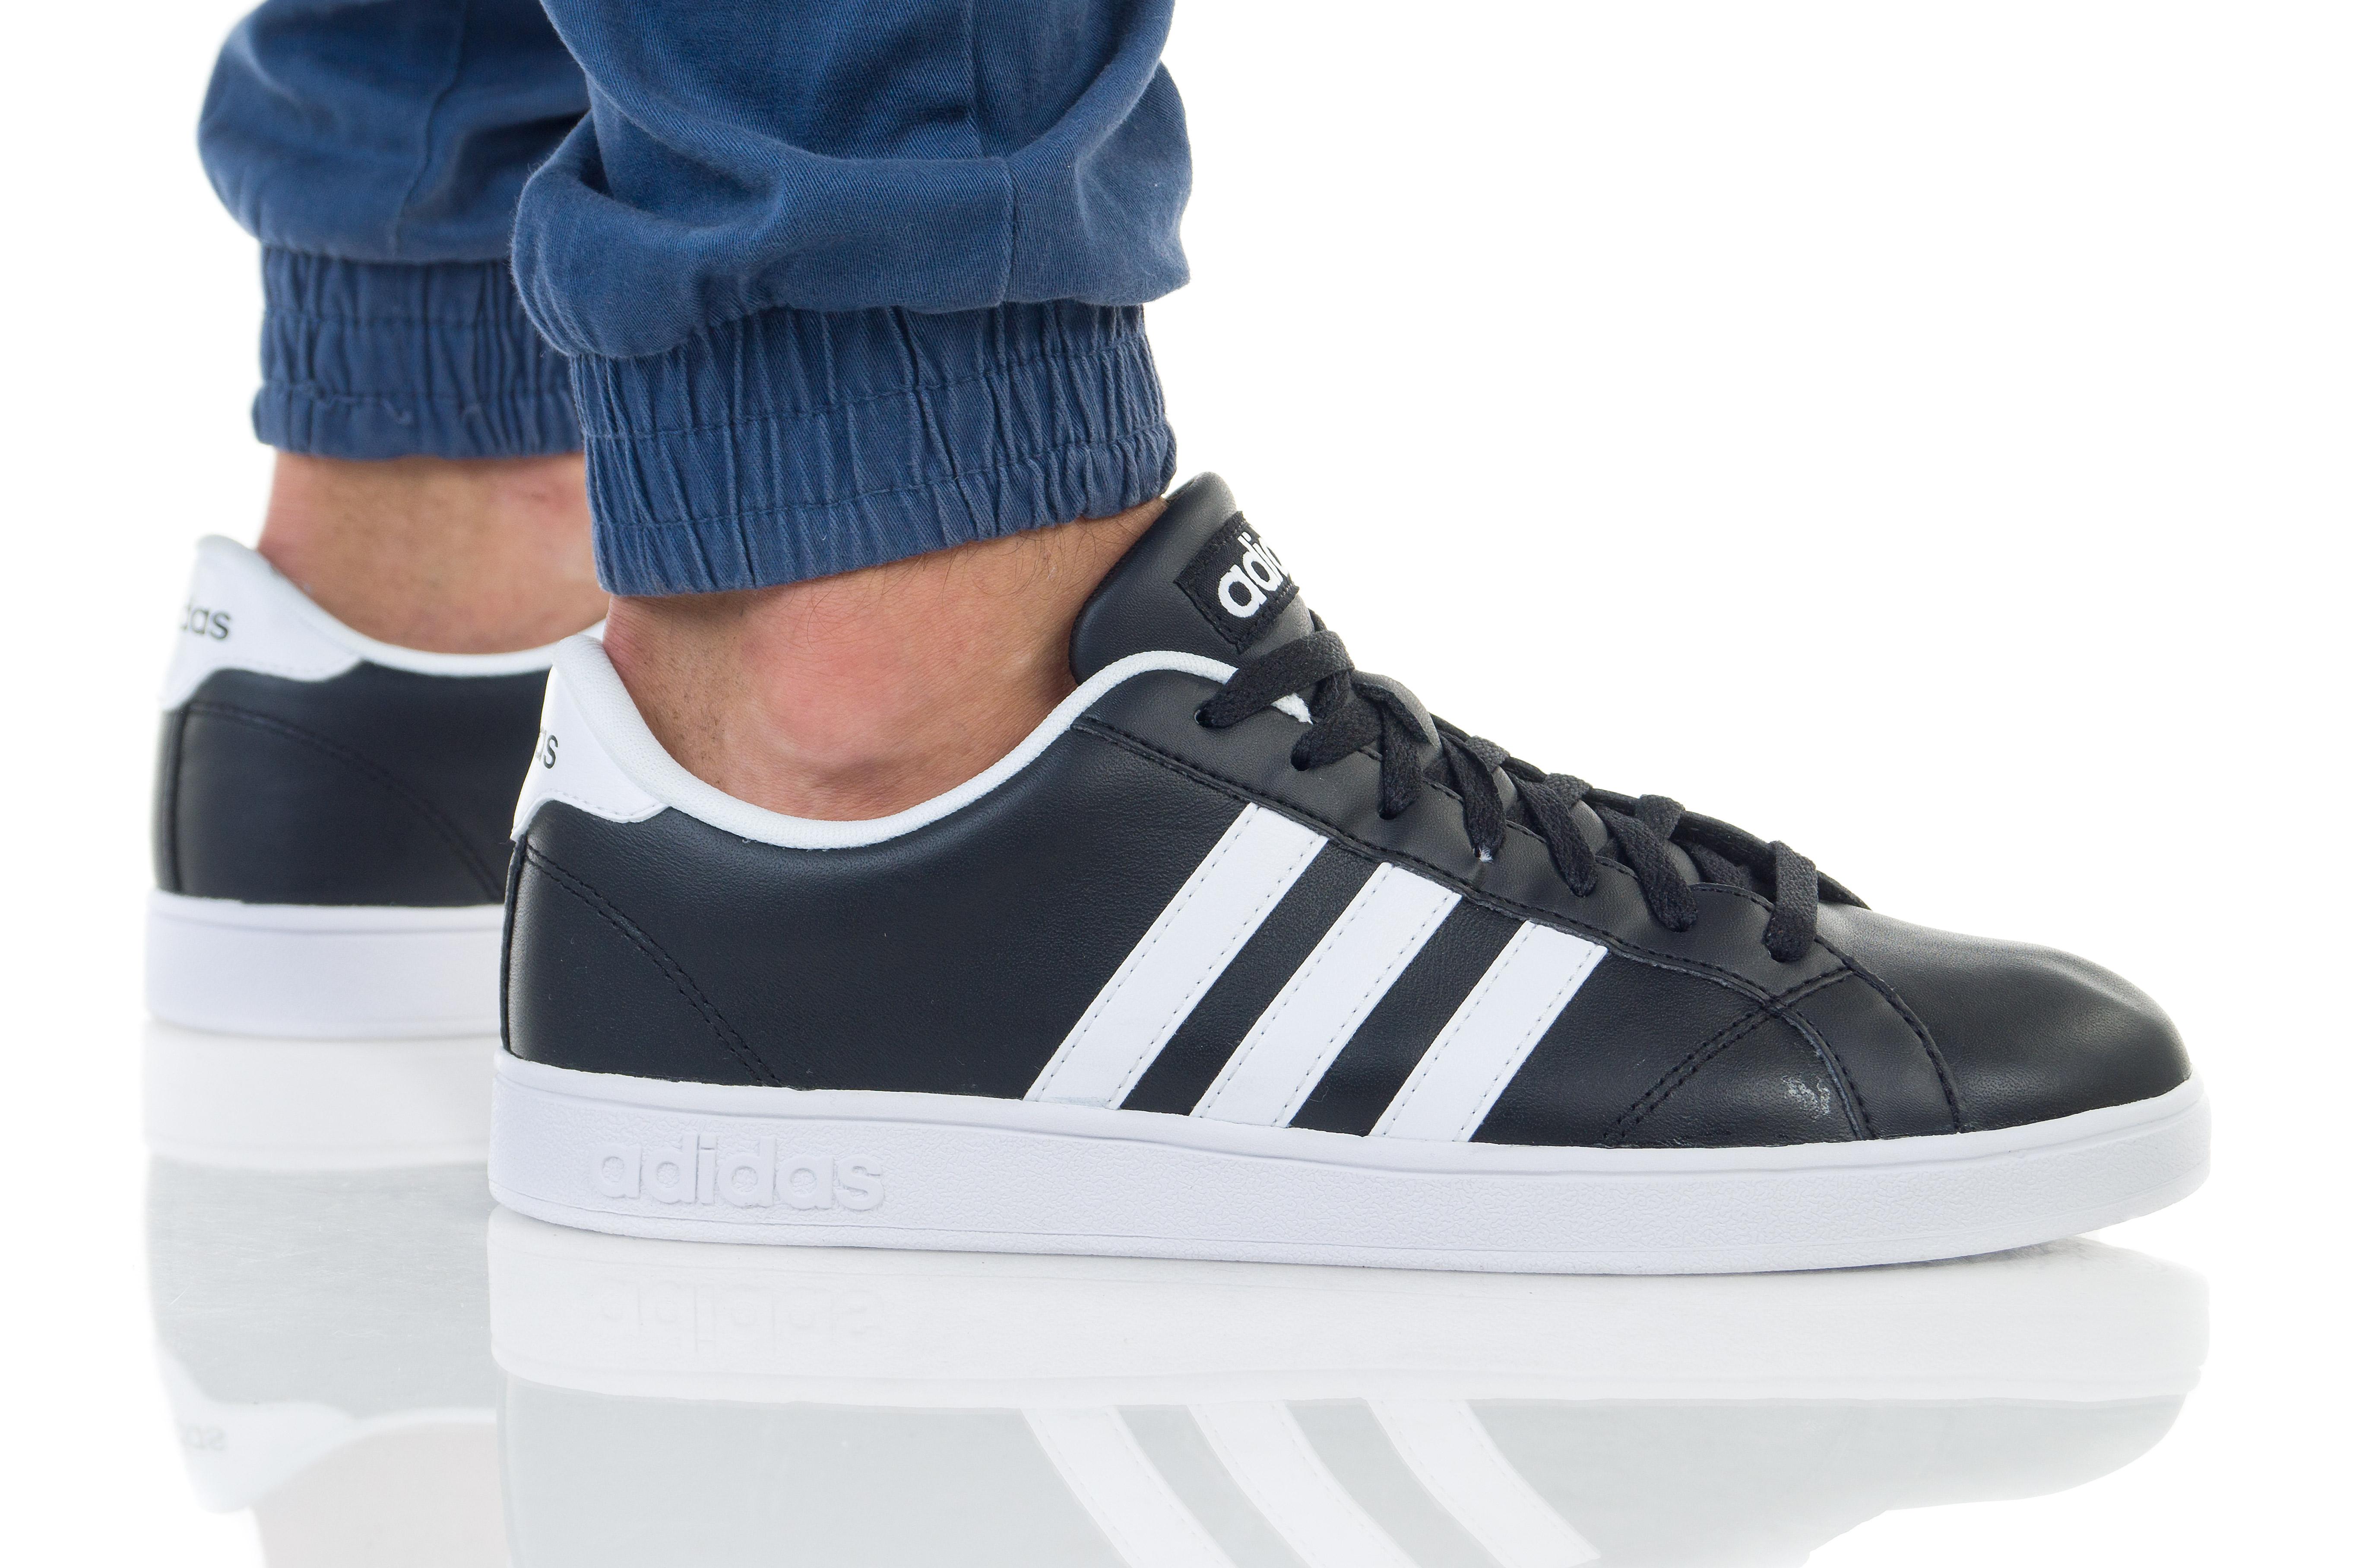 נעליים אדידס לגברים Adidas BASELINE - שחור/לבן